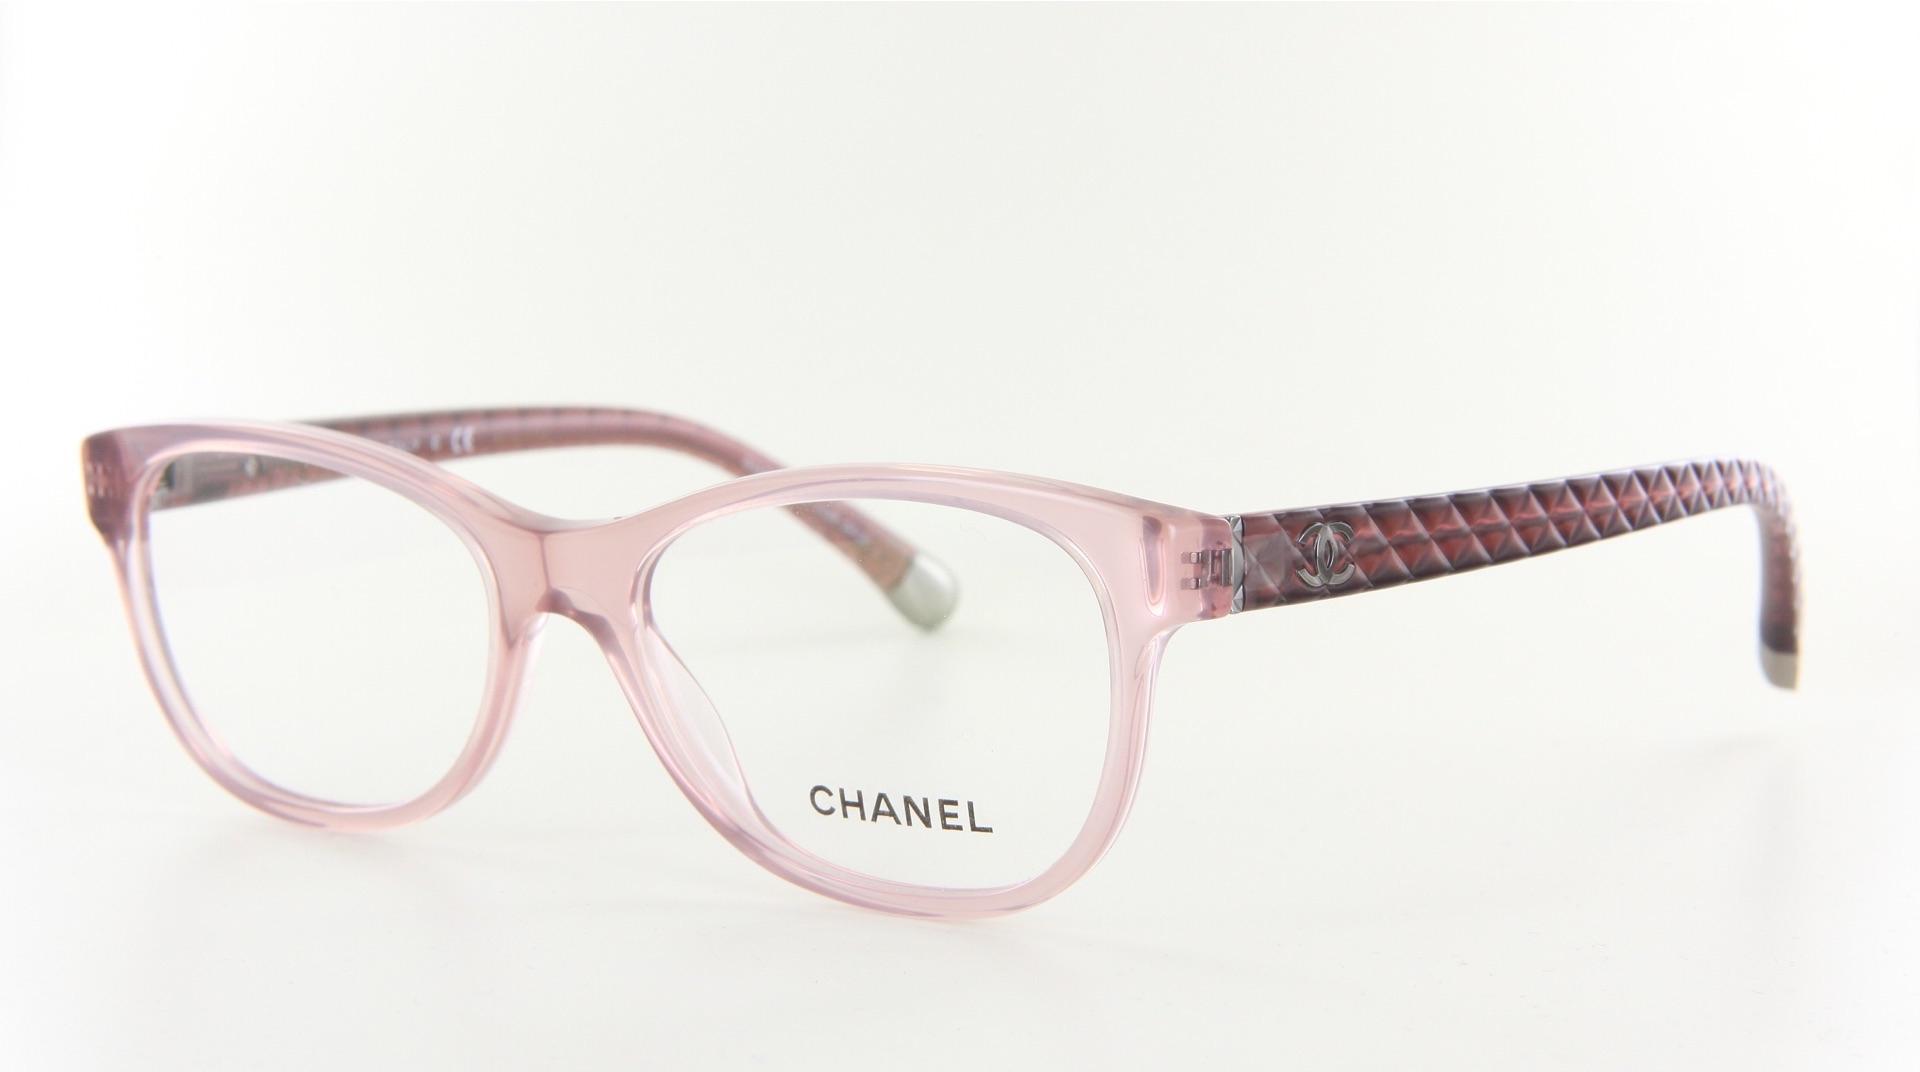 Chanel - ref: 73990